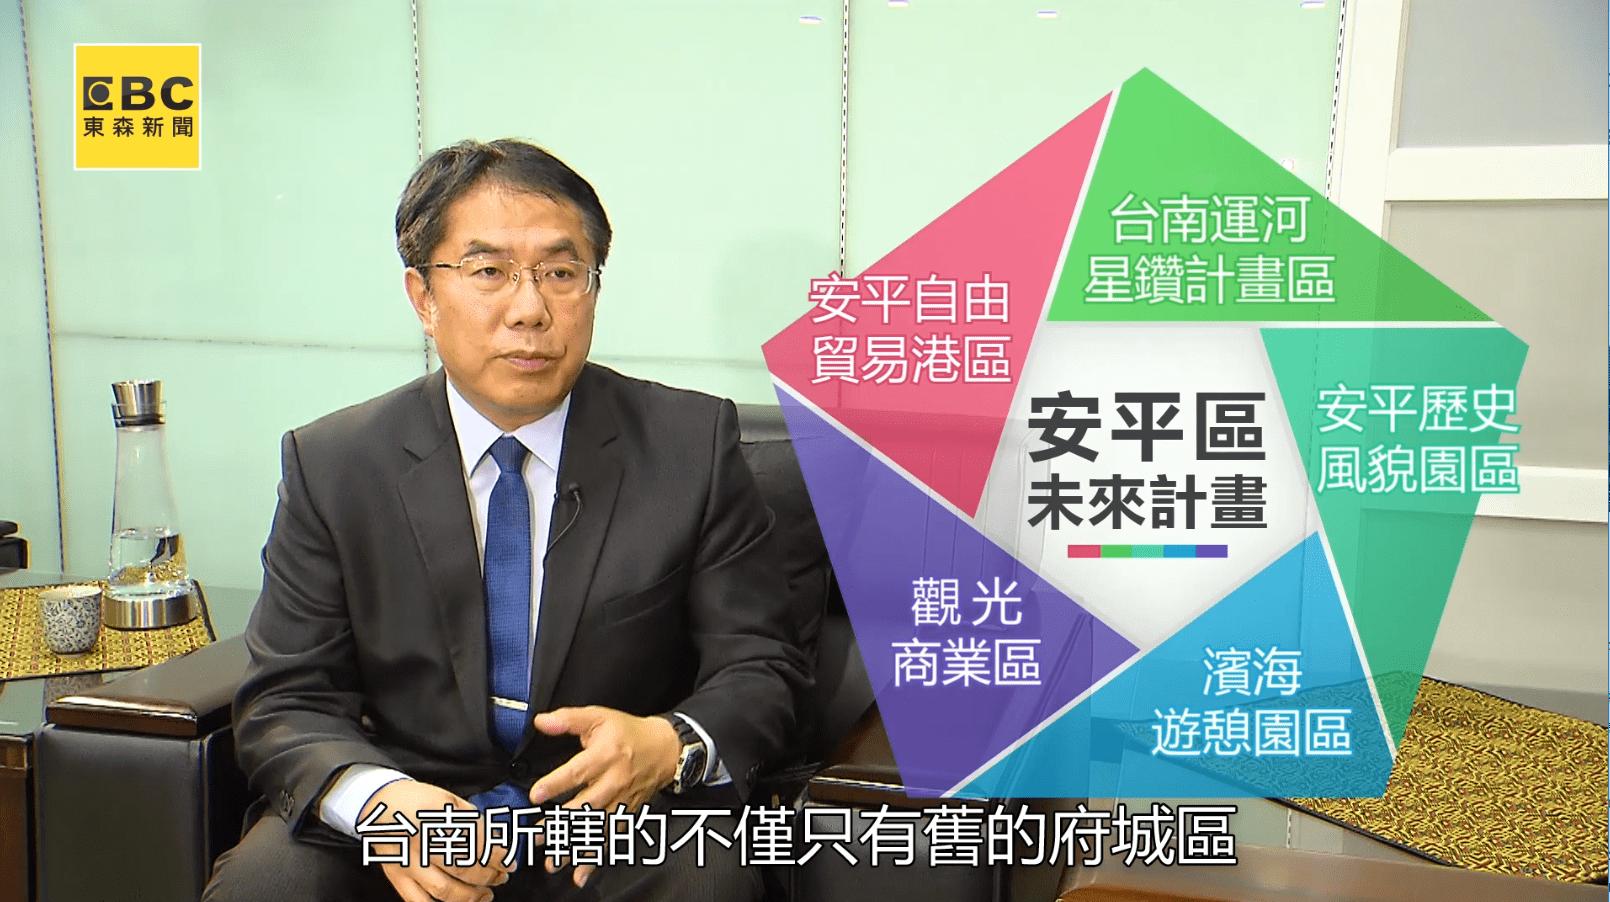 台南市長黃偉哲認為安平區發展為來前景可期。